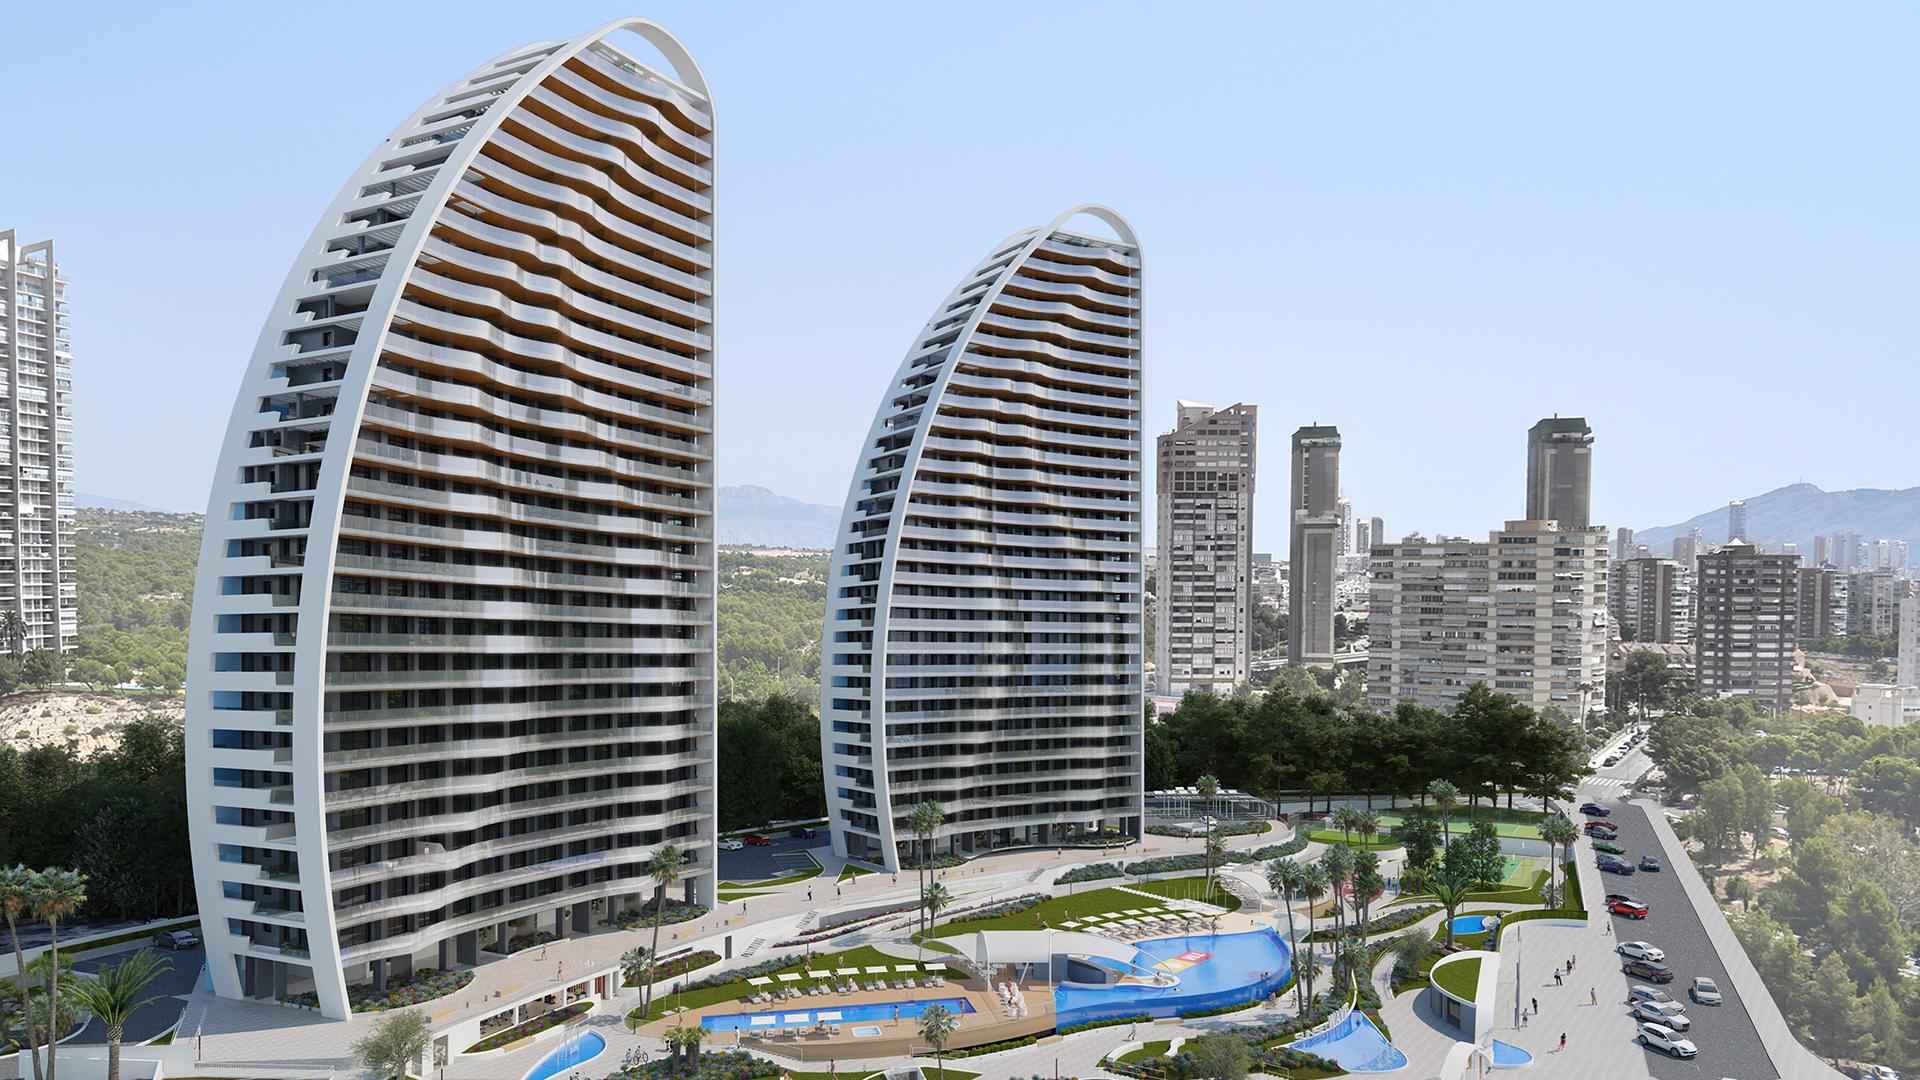 недвижимость в мире купить